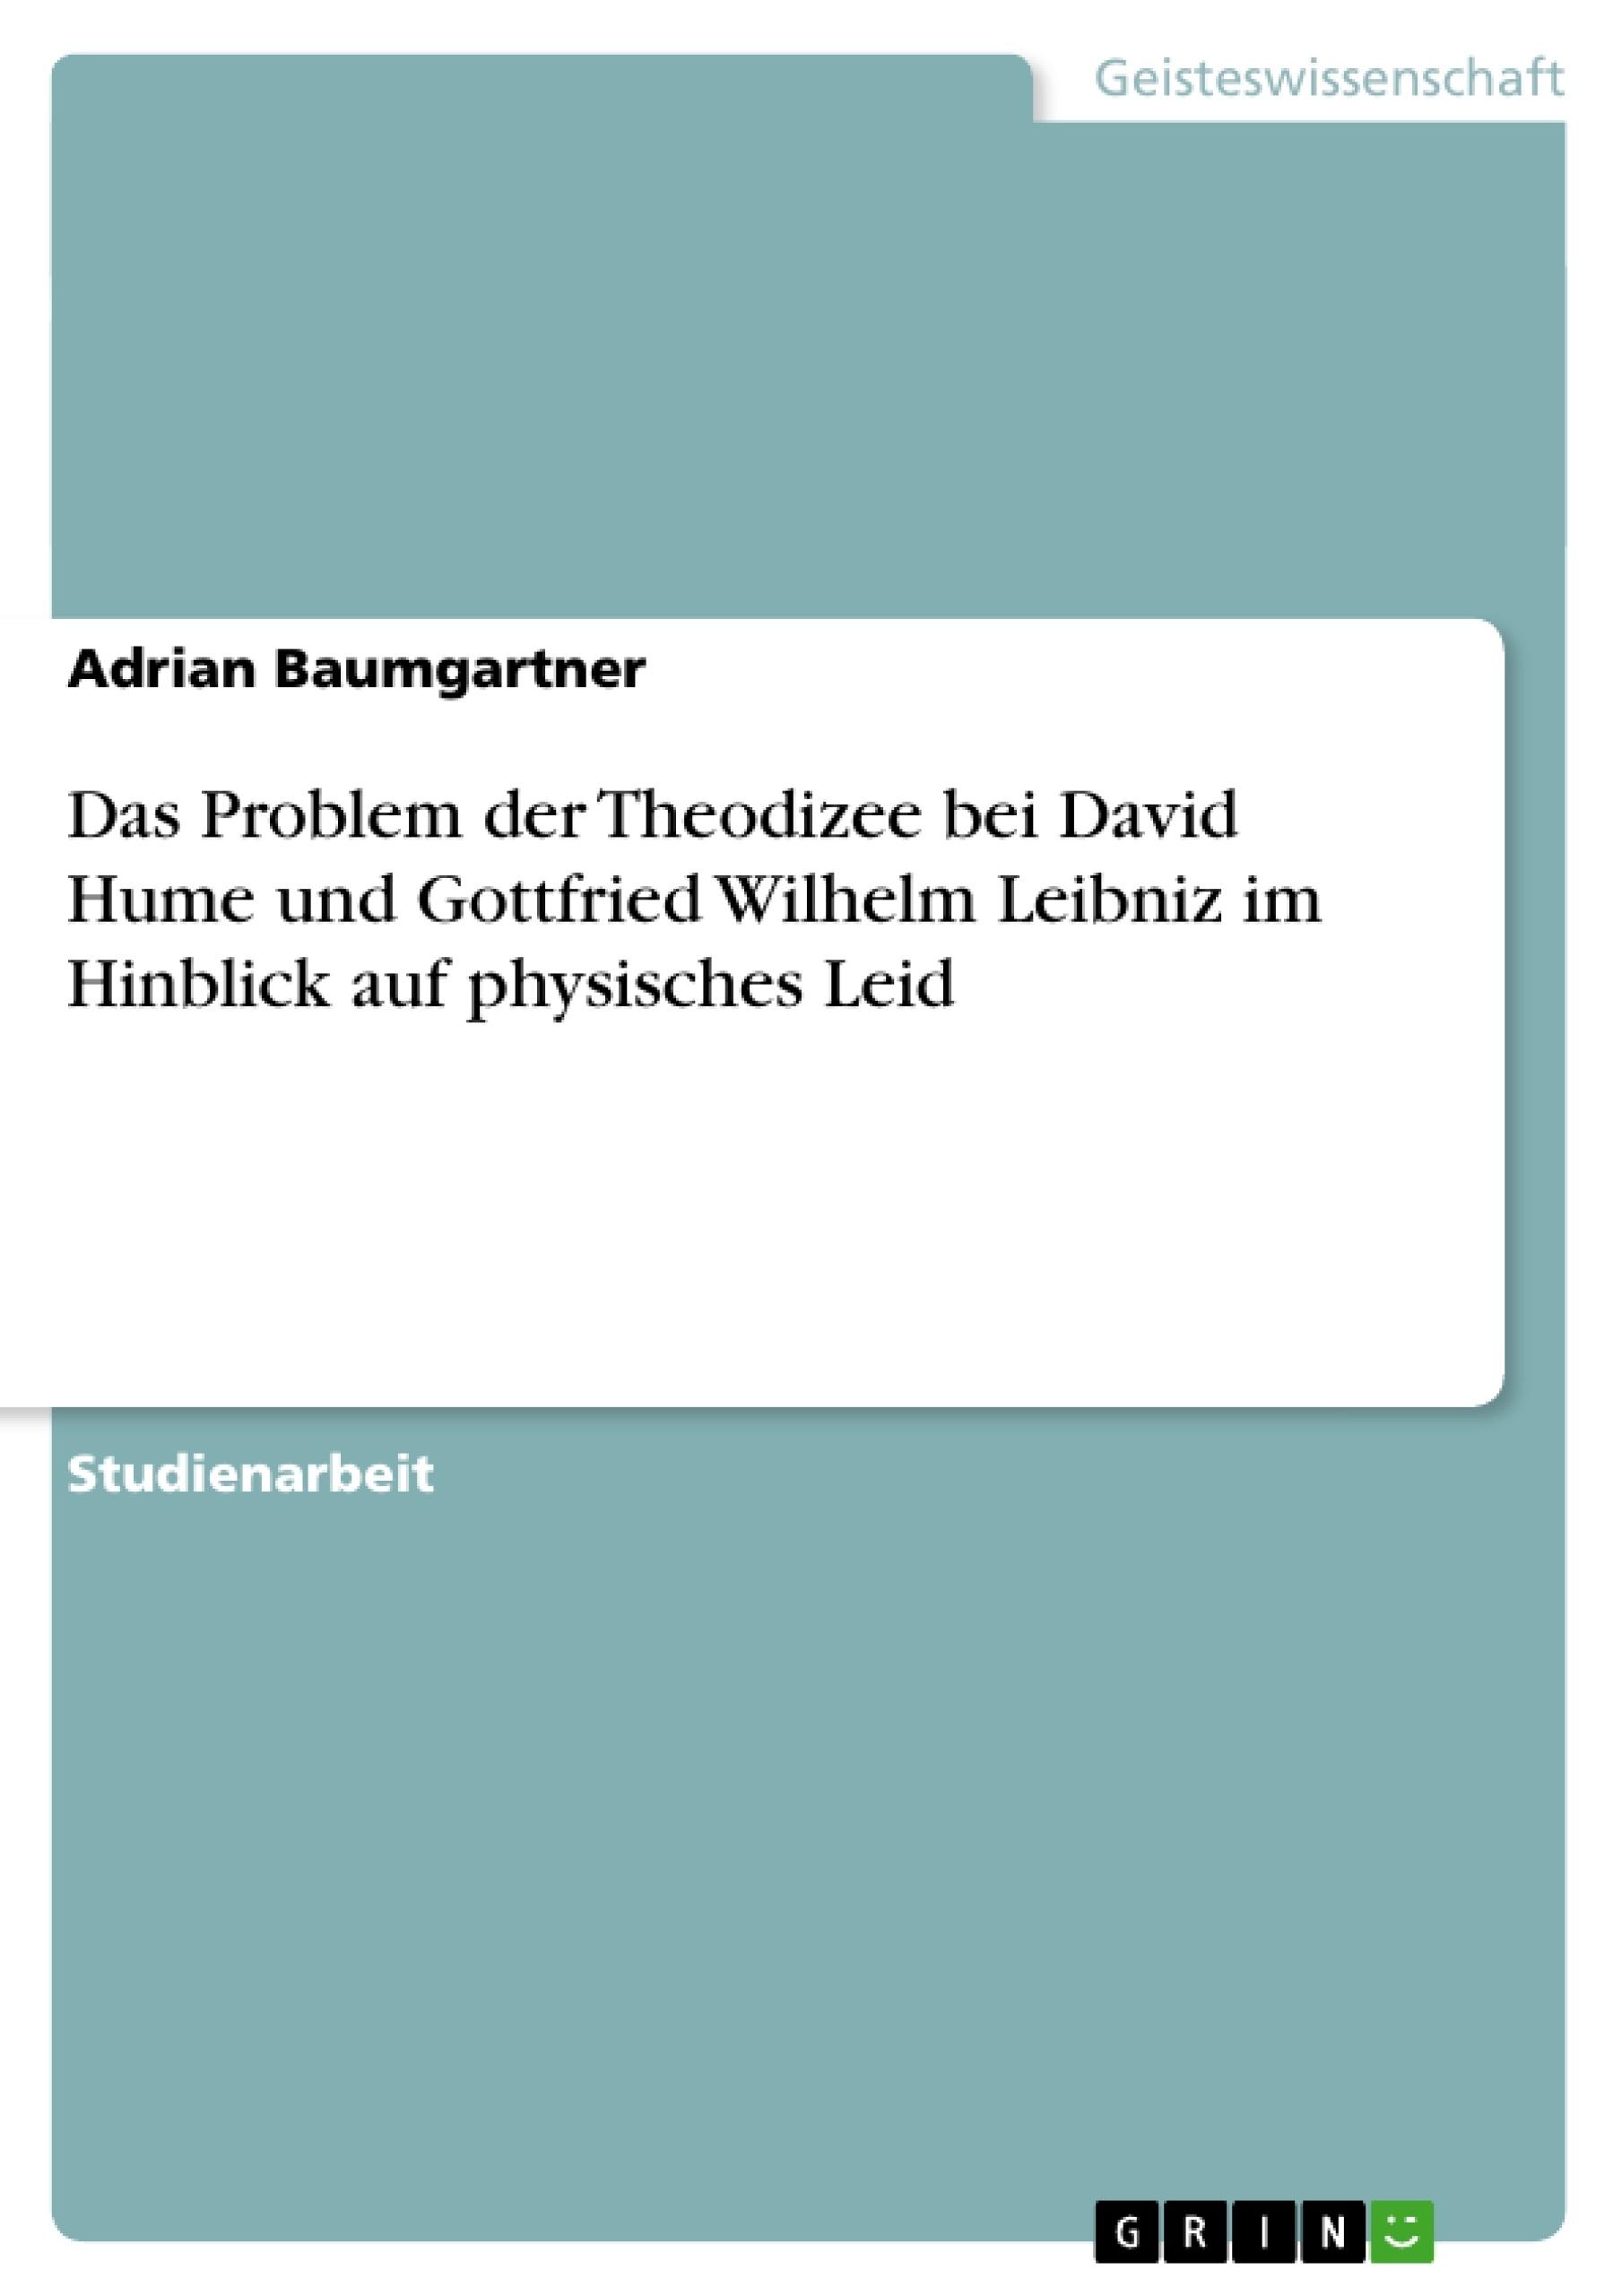 Titel: Das Problem der Theodizee bei David Hume und Gottfried Wilhelm Leibniz im Hinblick auf physisches Leid